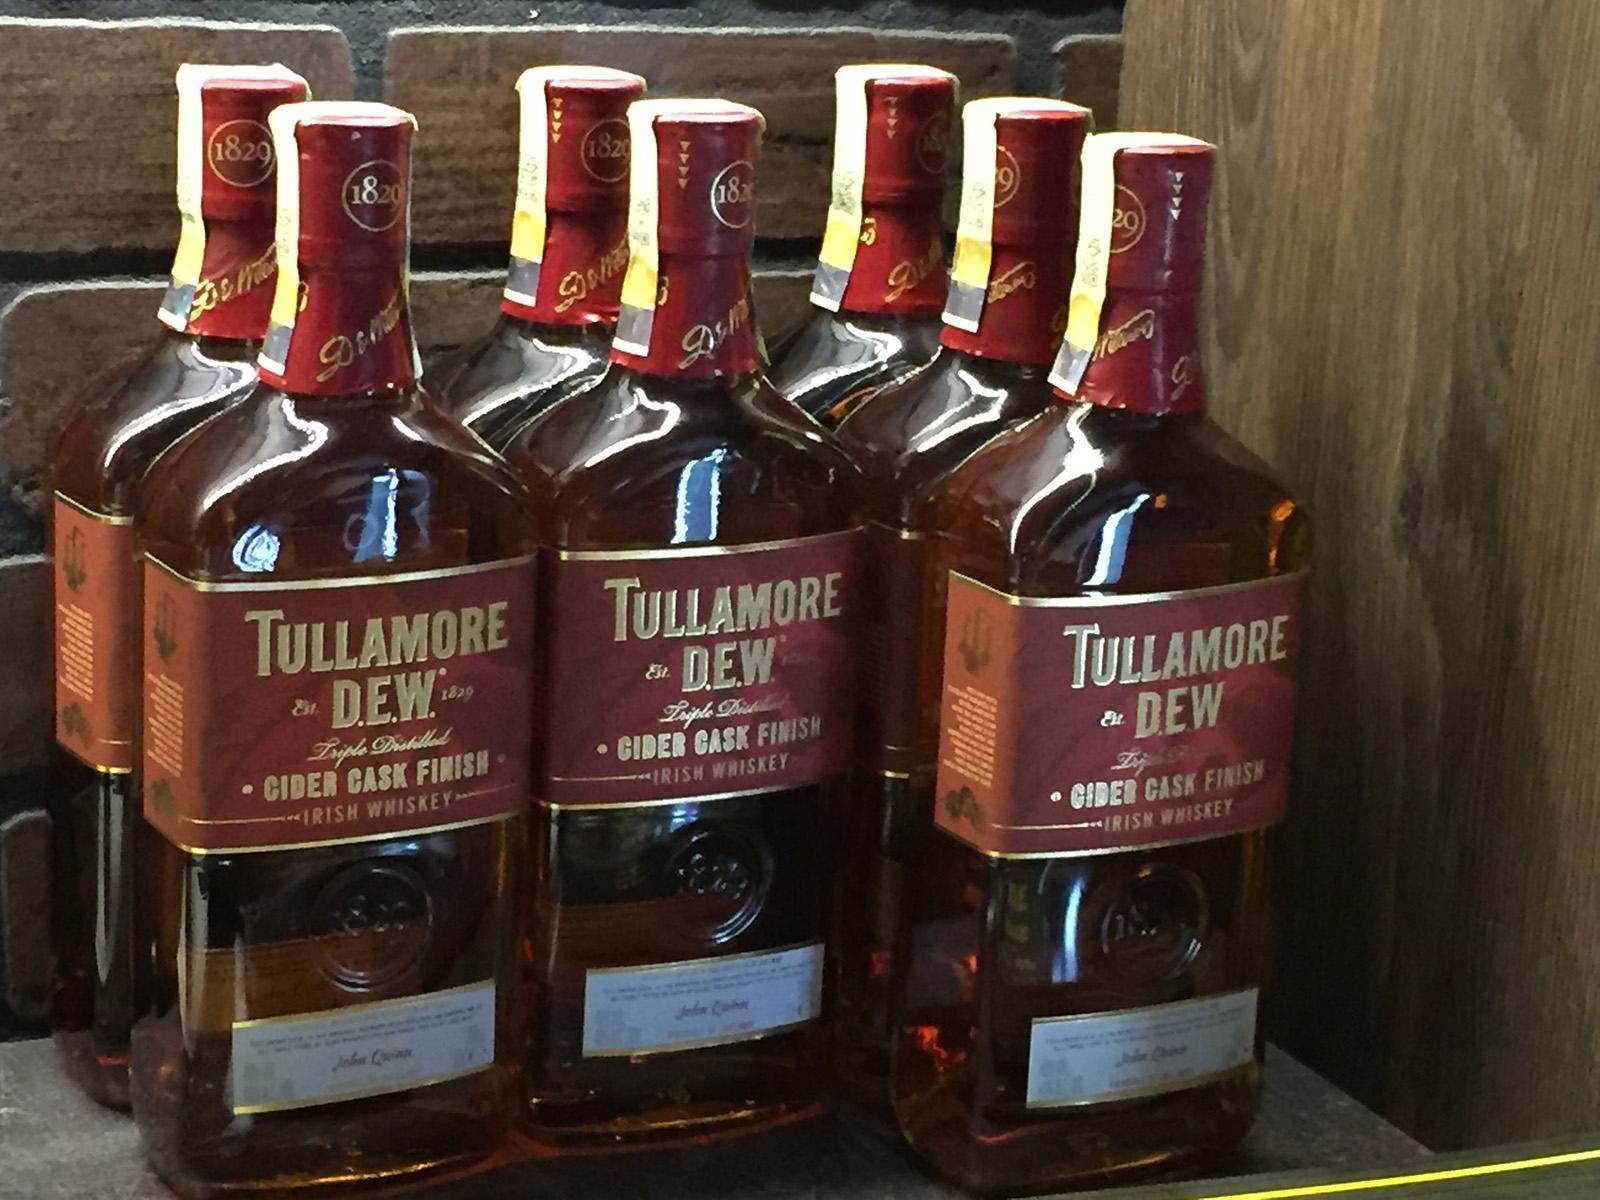 Nová limitovaná edice Tullamore D.E.W. Cider Cask